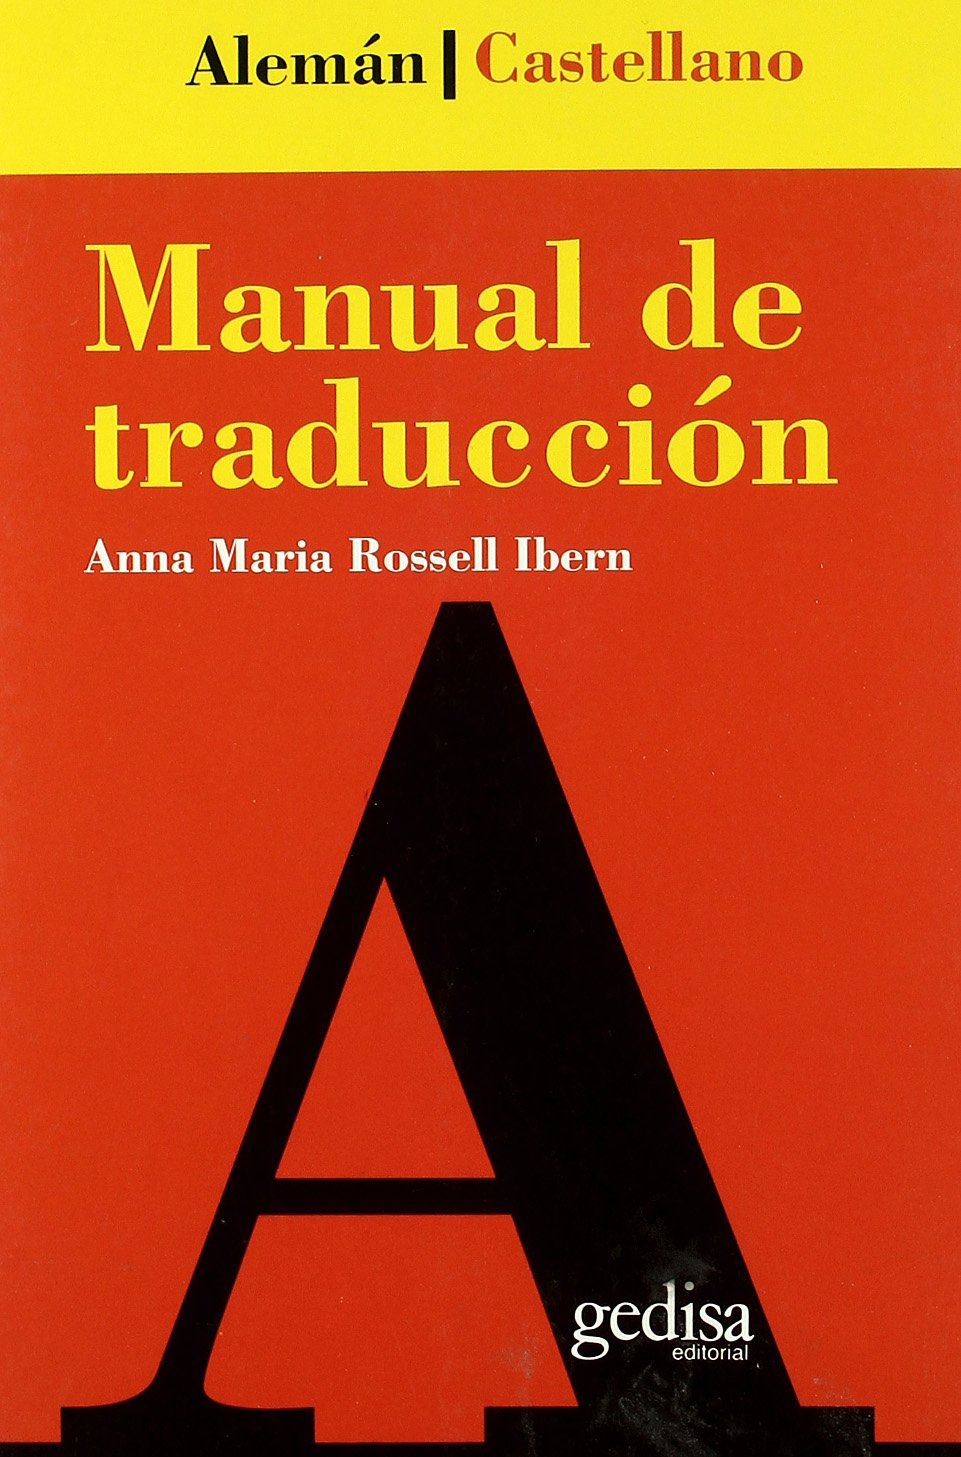 """Portada del """"Manual de Traducción Alemán-Castellano"""""""